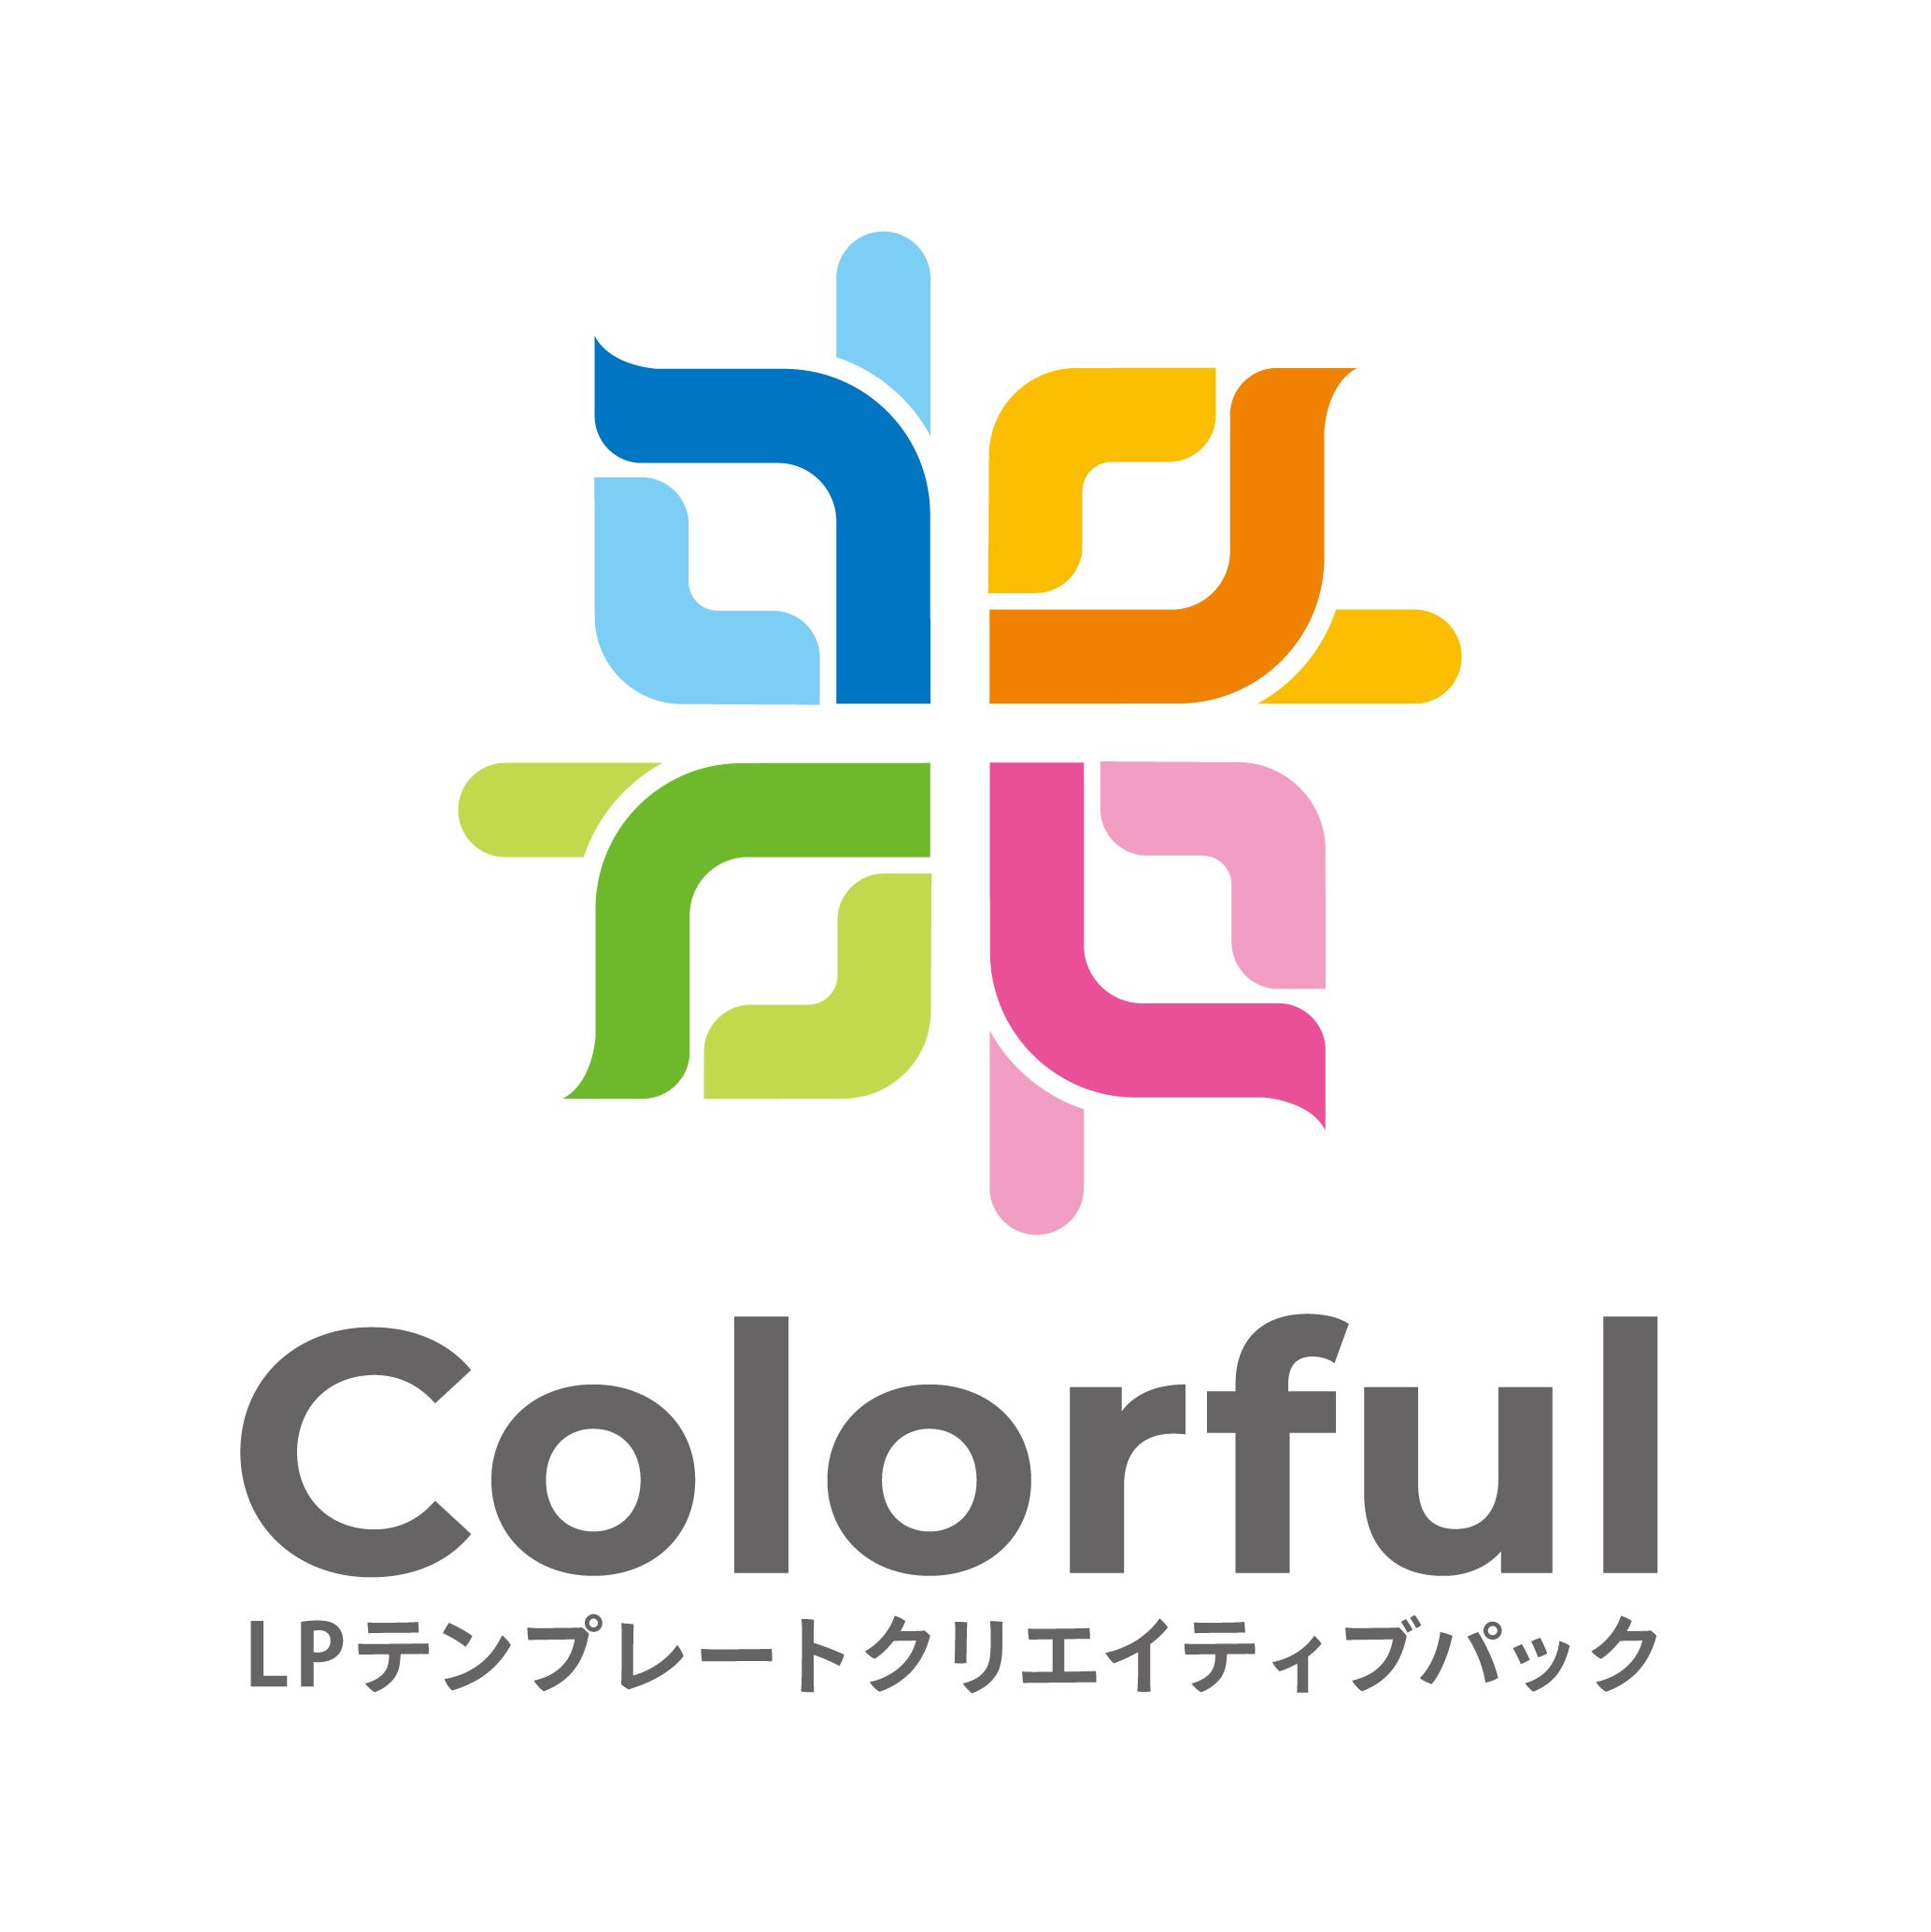 LPテンプレートクリエイティブパック「Colorful(カラフル)」のレビュー